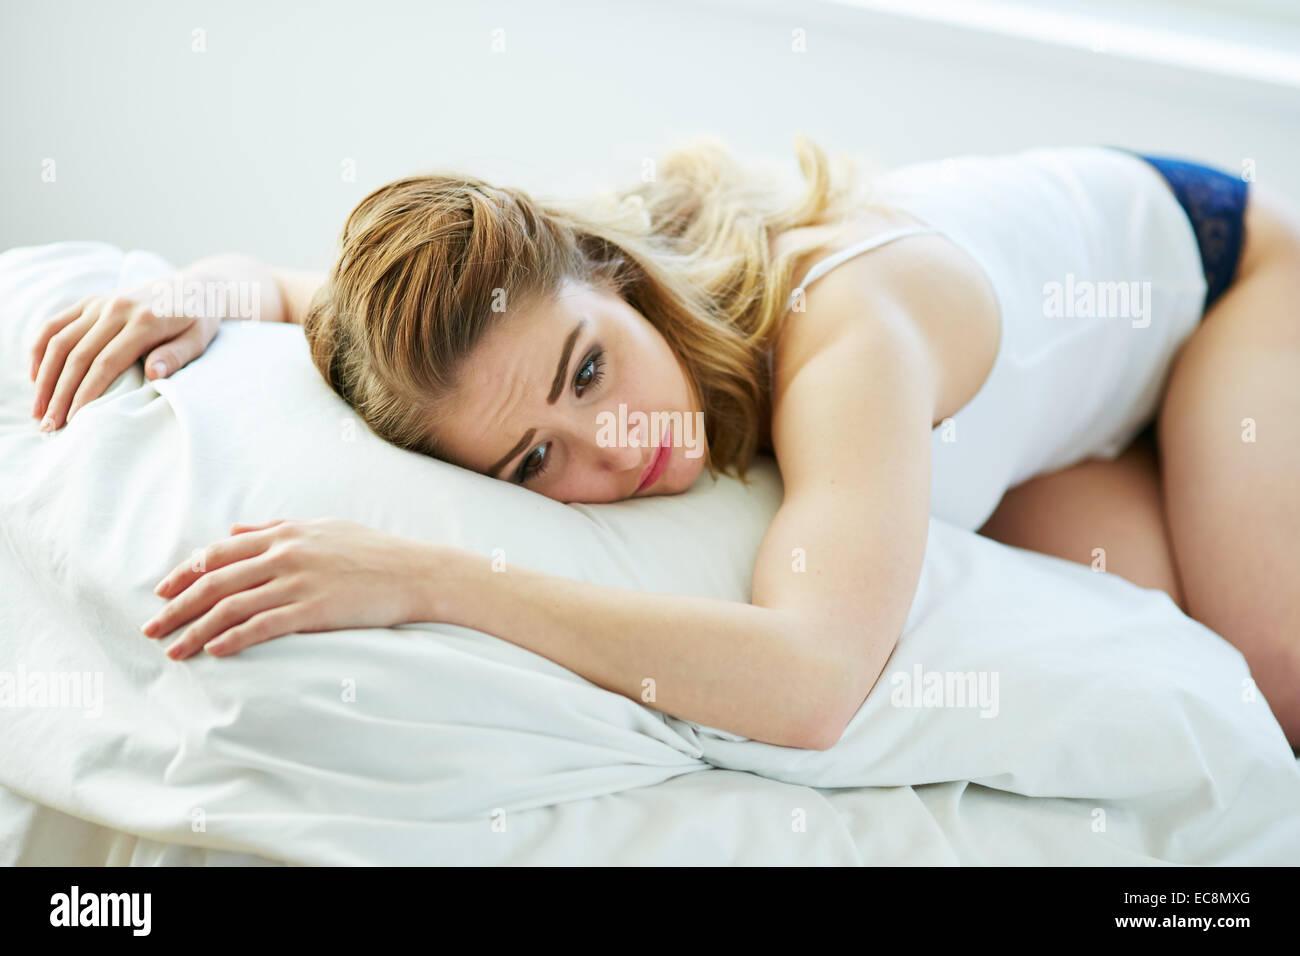 Upset girl lying on bed - Stock Image